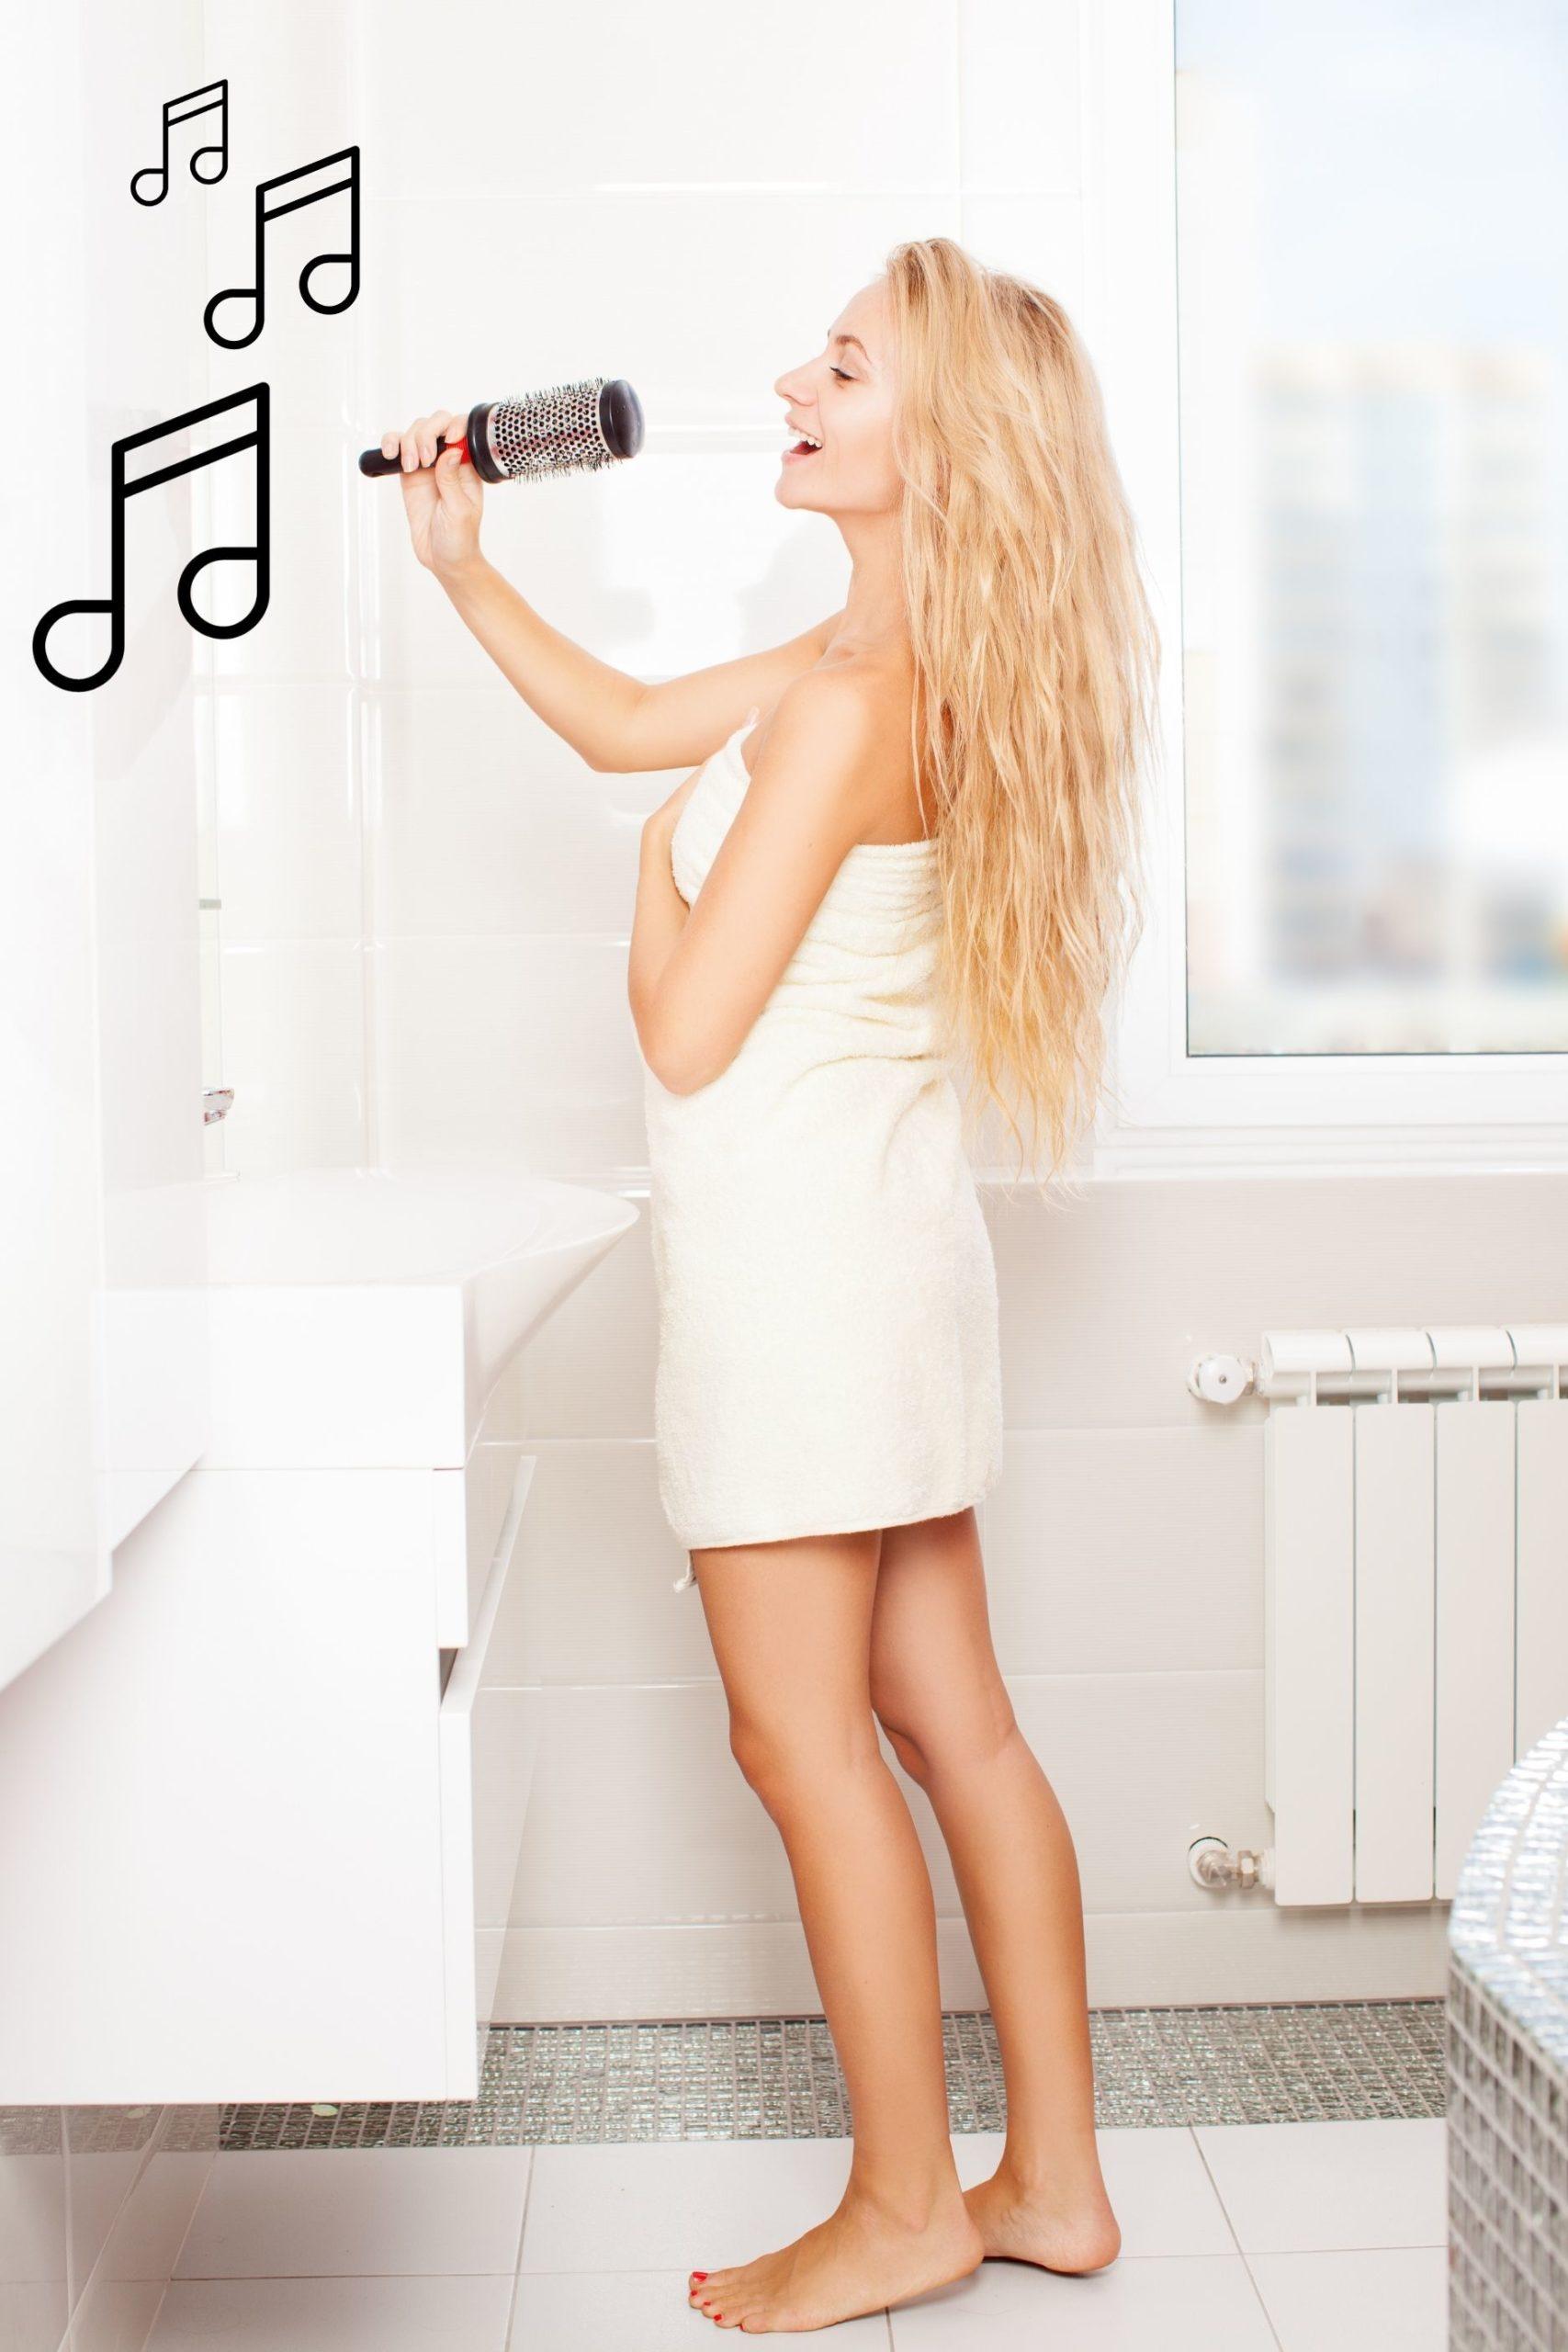 Žena zpívá v koupelně